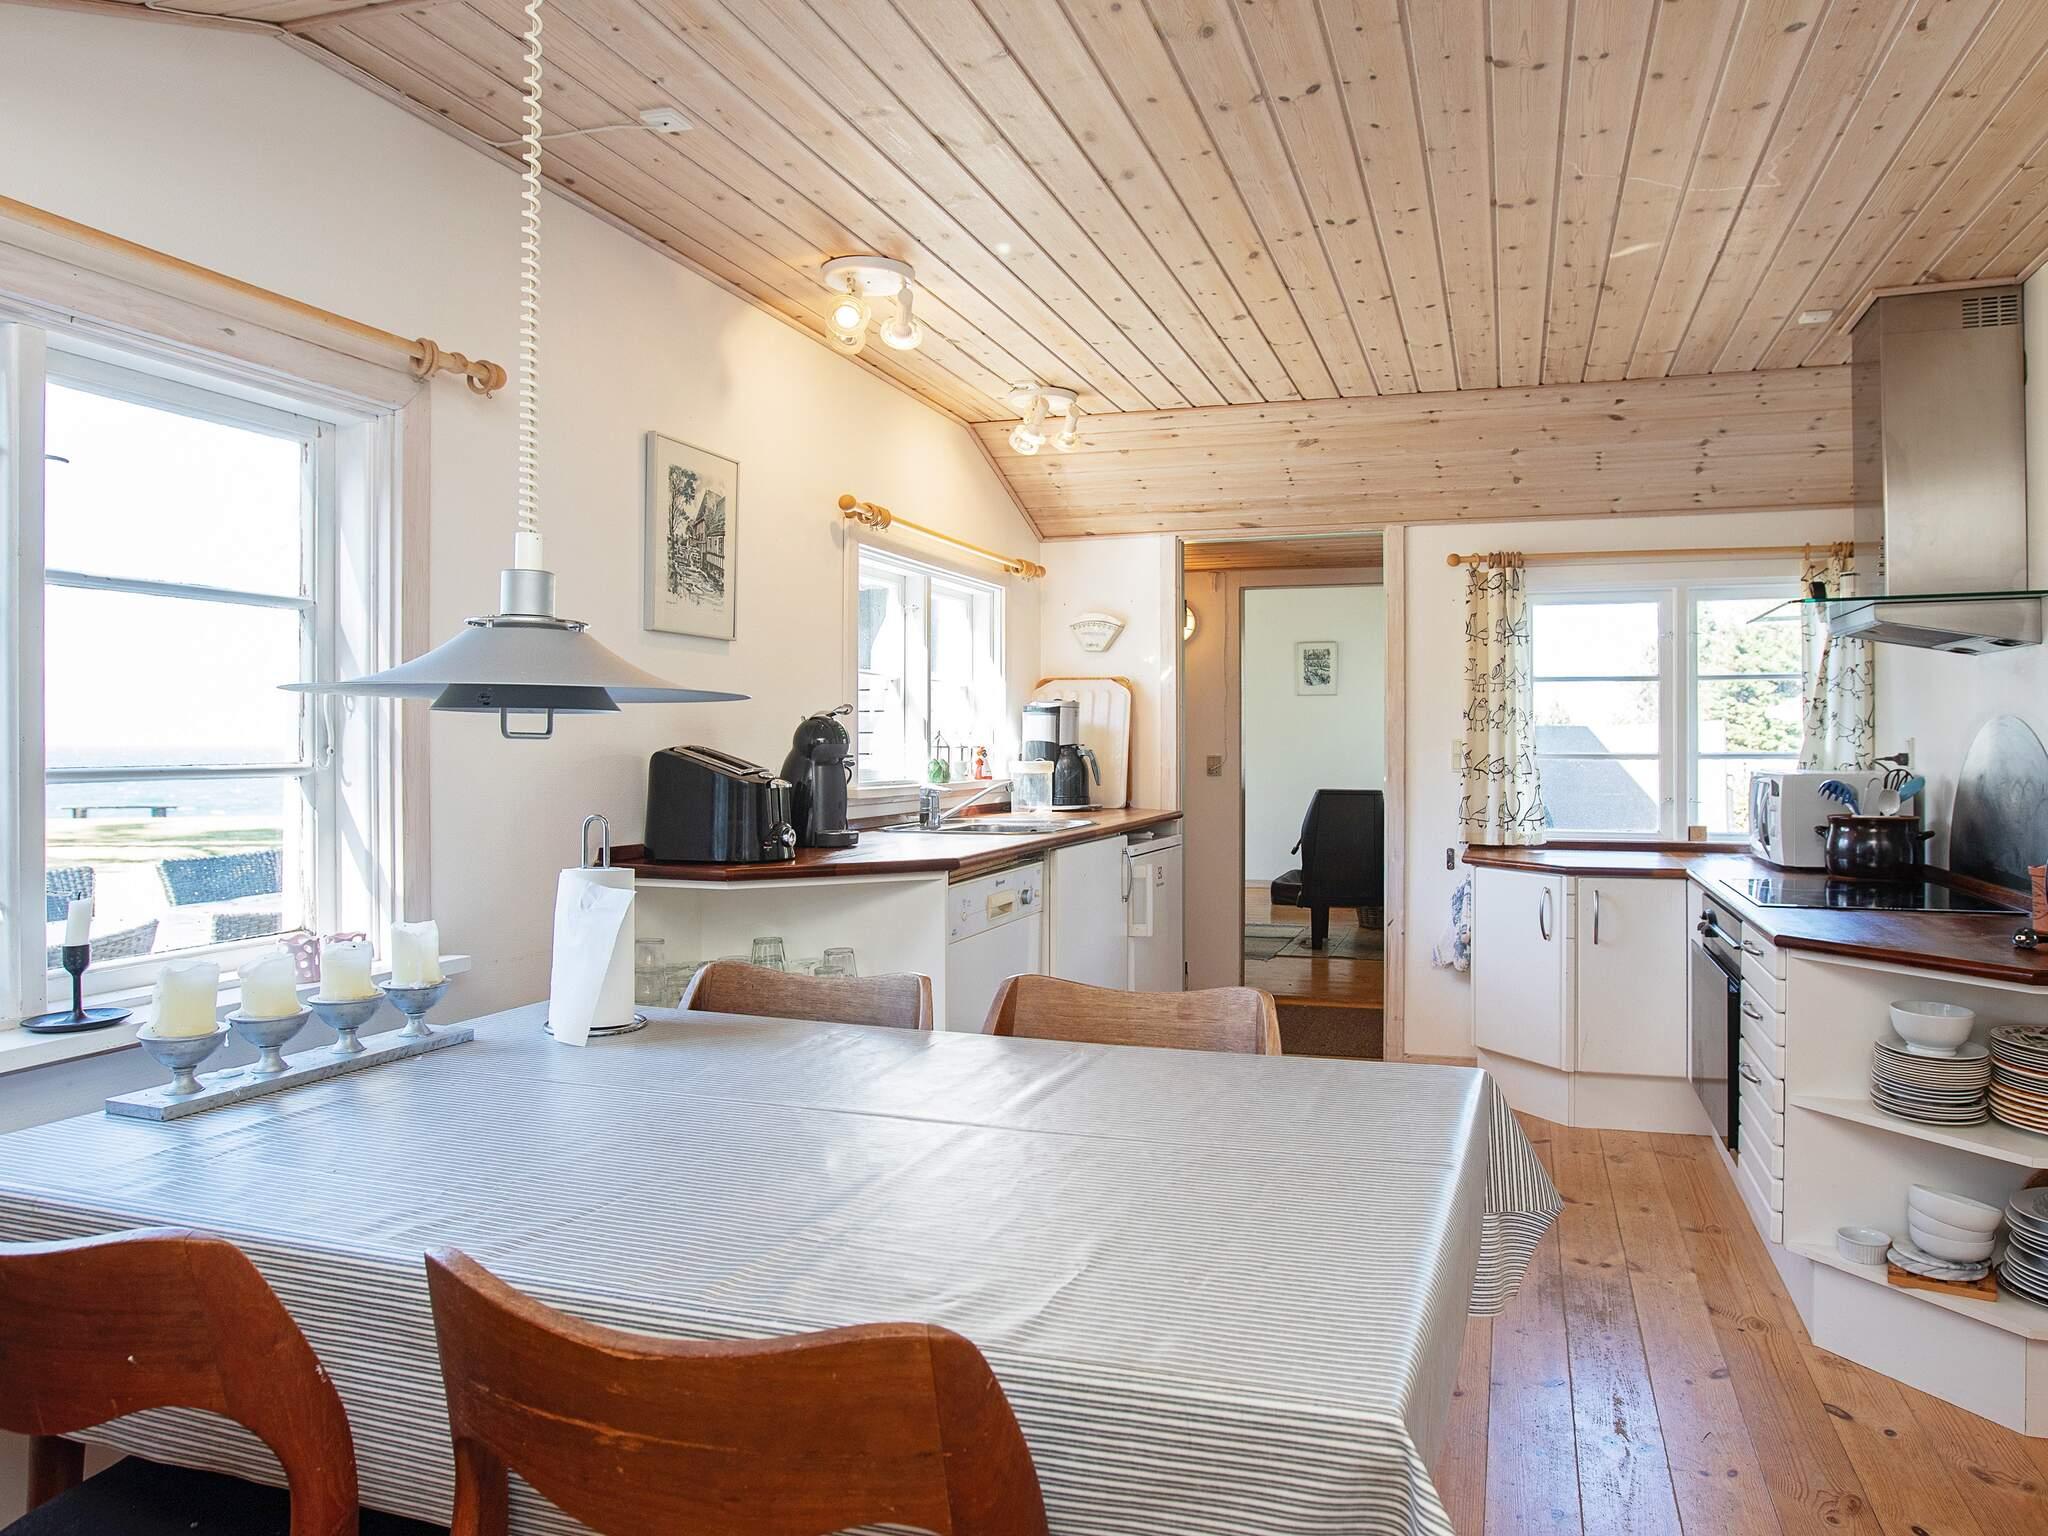 Ferienhaus Veddinge Bakker (2612172), Veddinge, , Westseeland, Dänemark, Bild 9